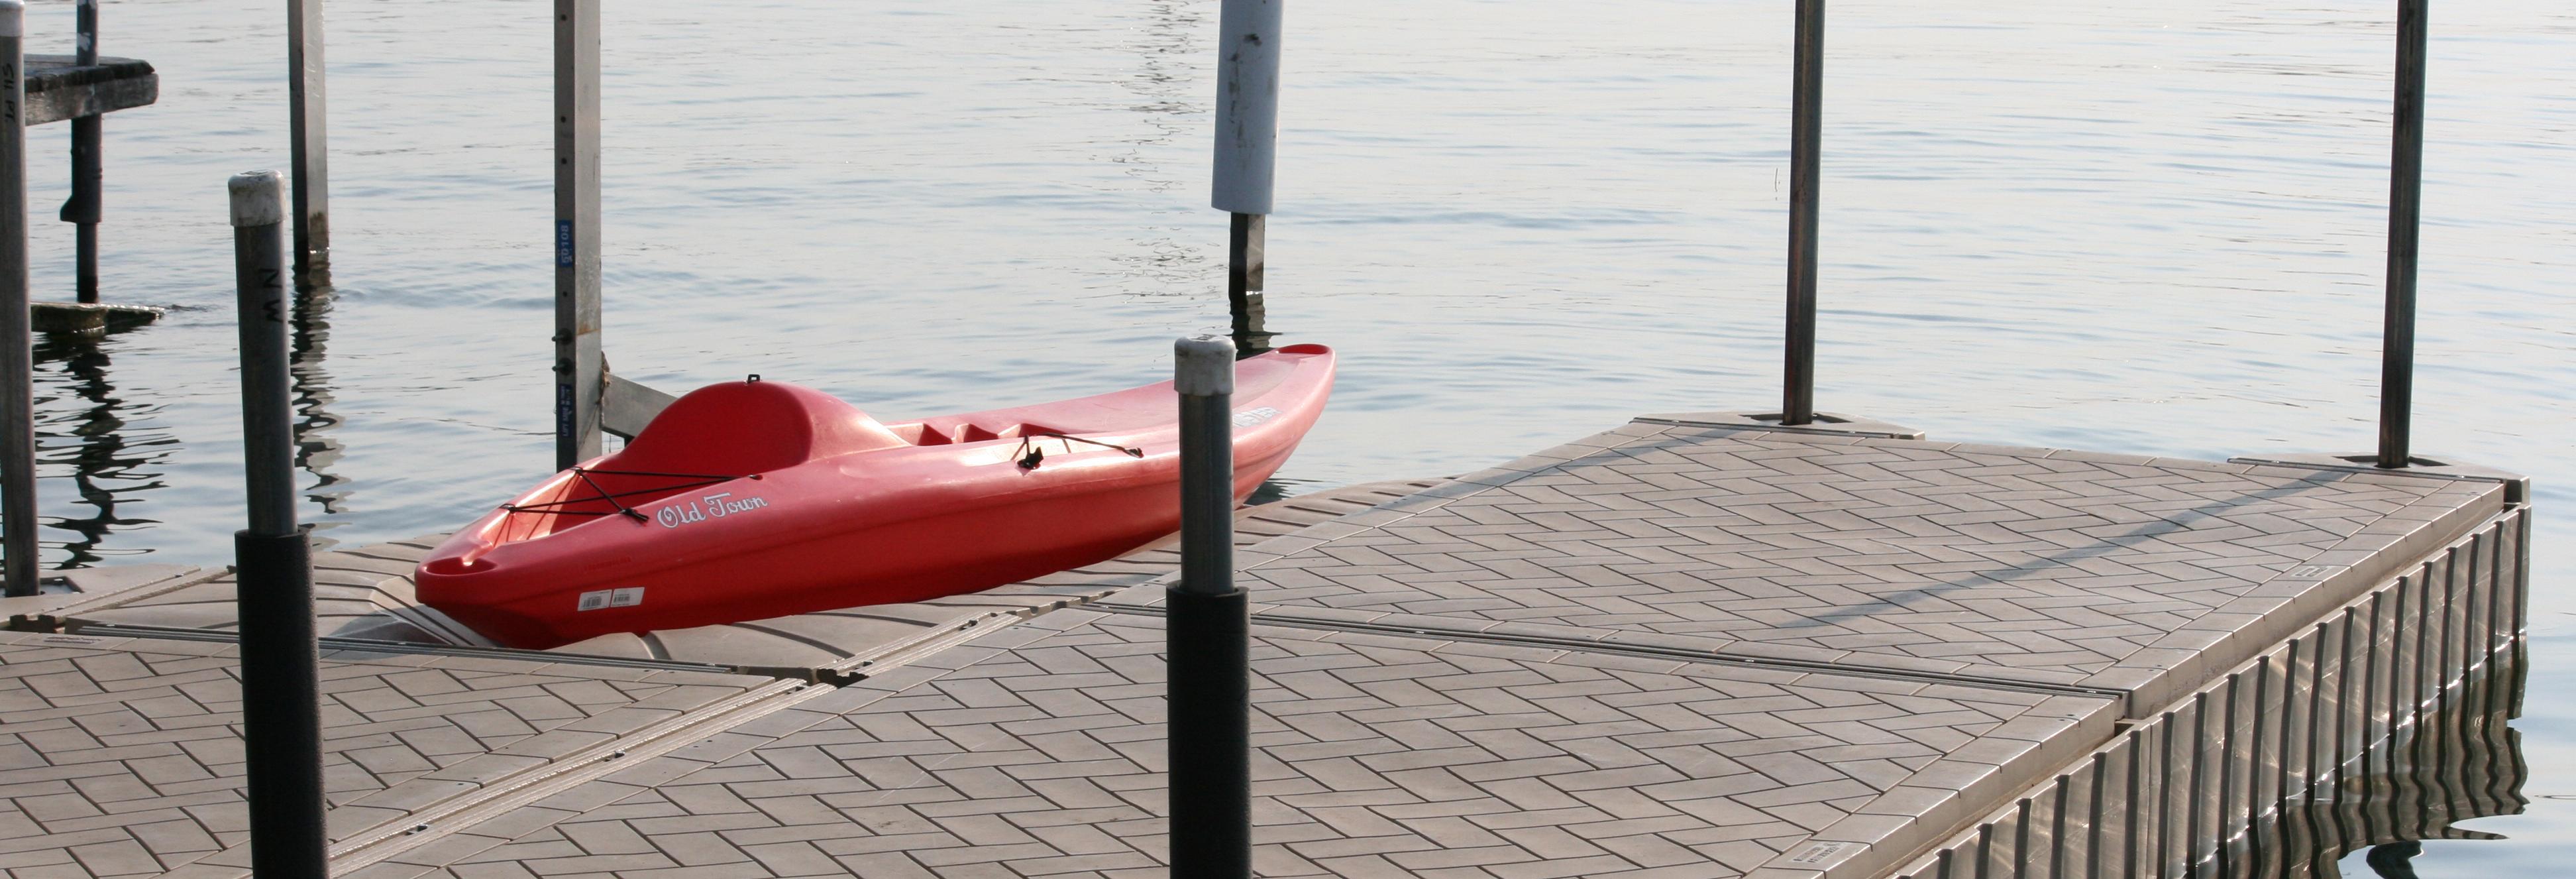 kayak demo Geneva Lake wi.jpg